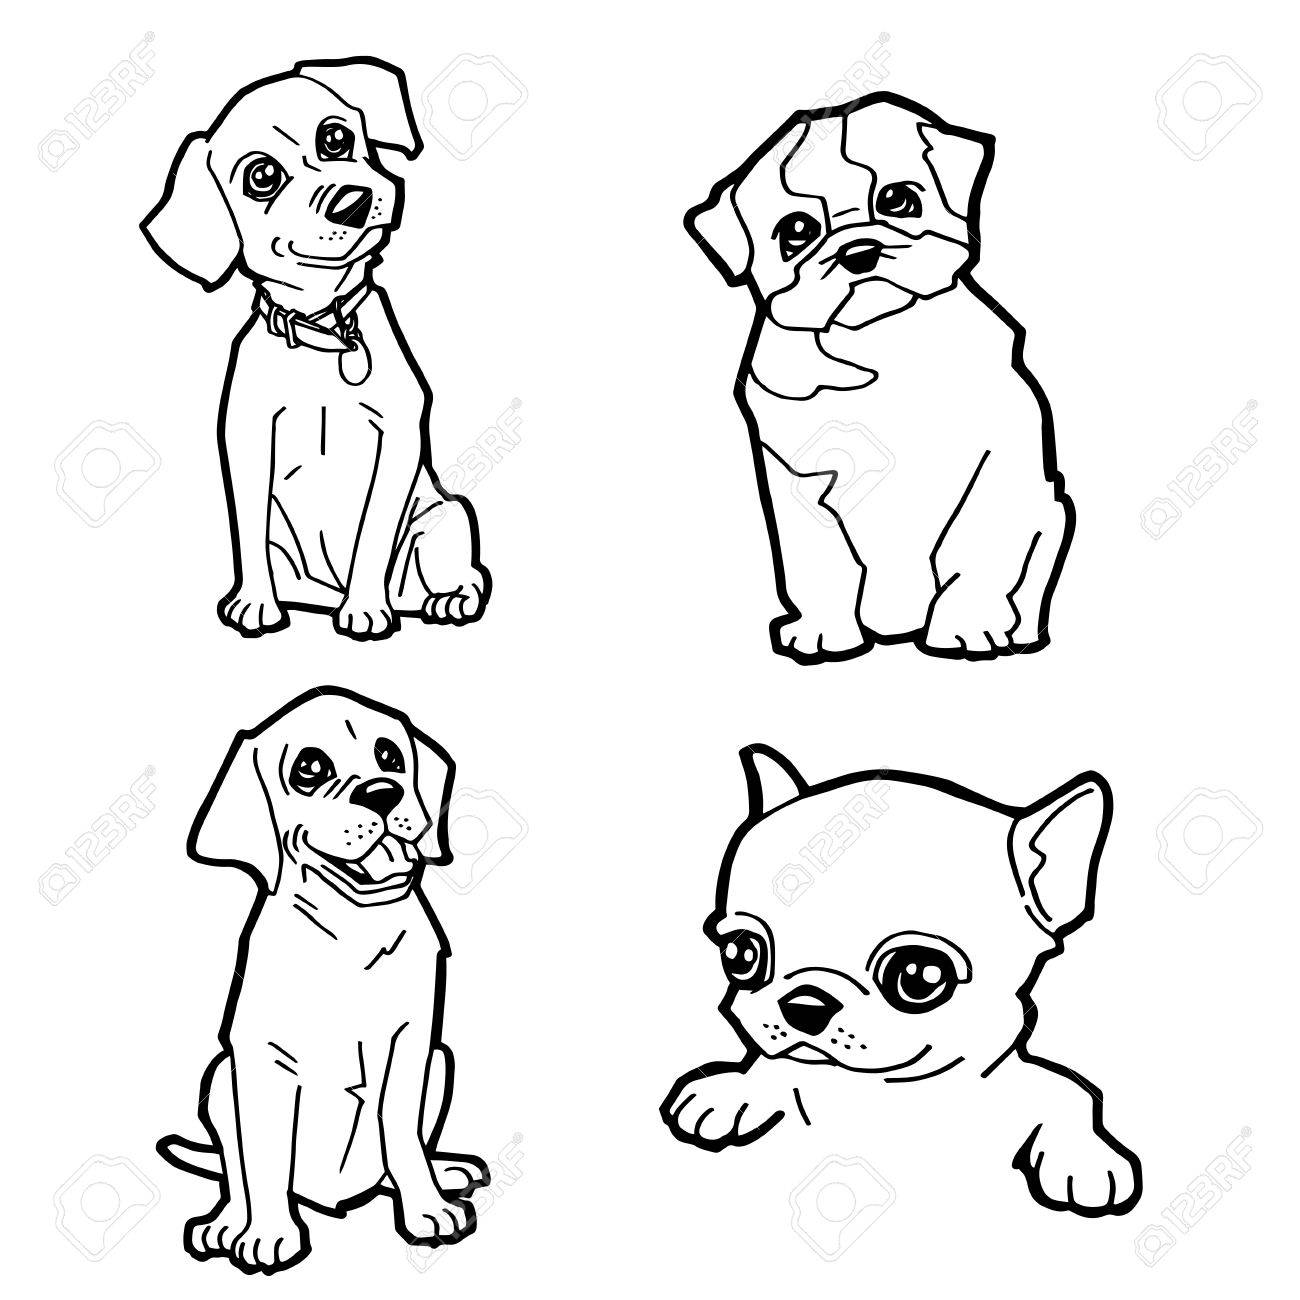 Conjunto De Dibujos Animados Lindo Perro Para Colorear Página ...